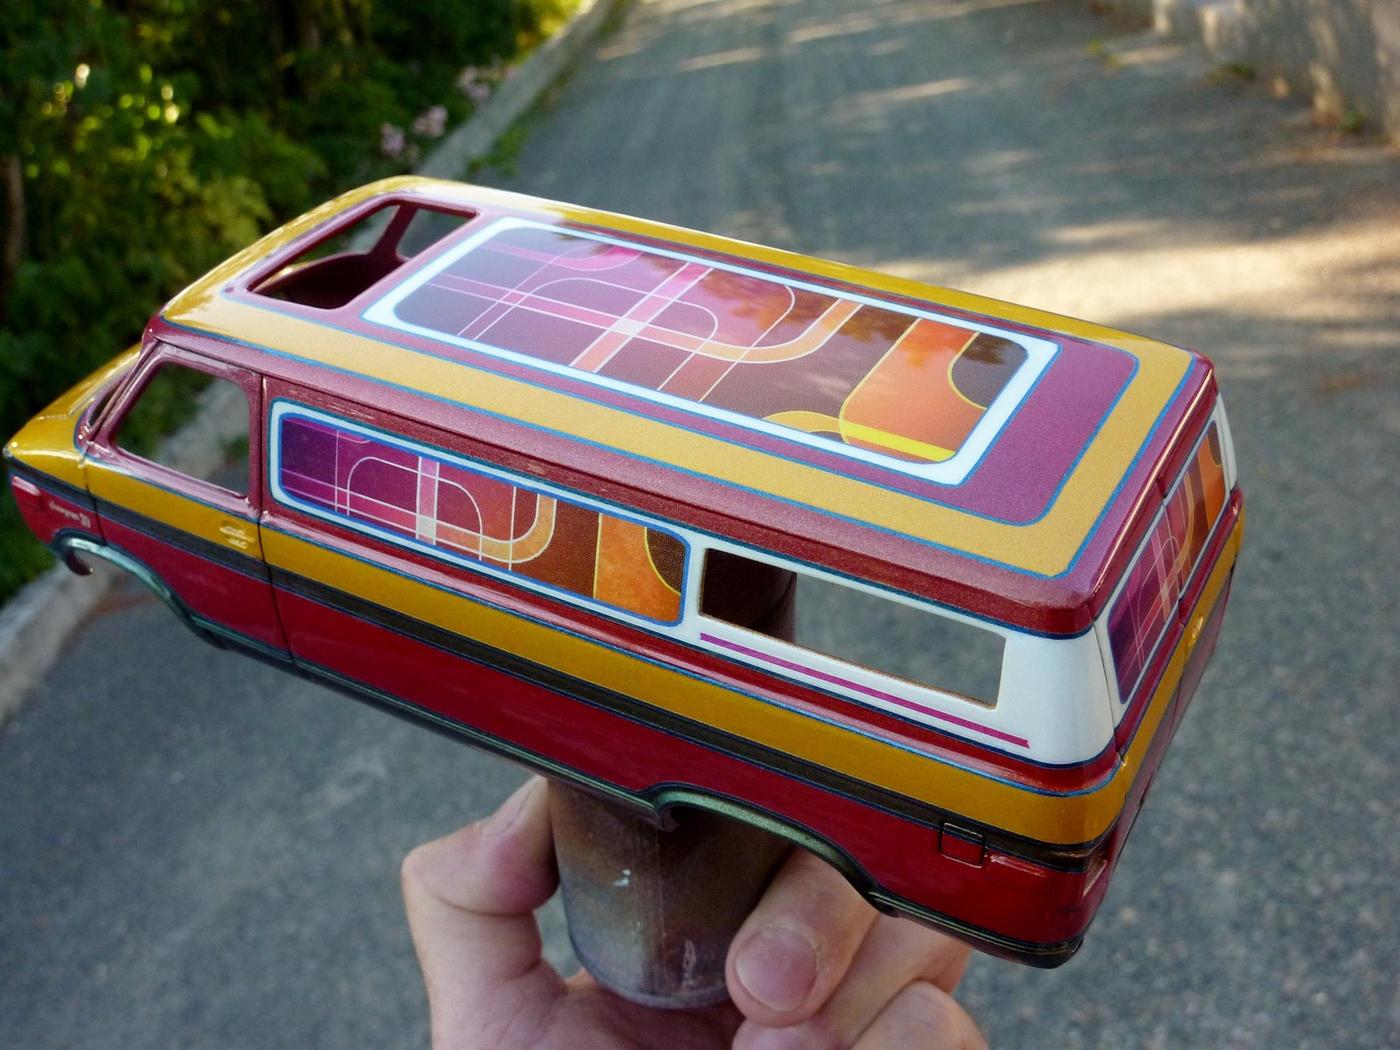 Van Chevy 75 (Vantasy) terminé - Page 4 Photo4-vi